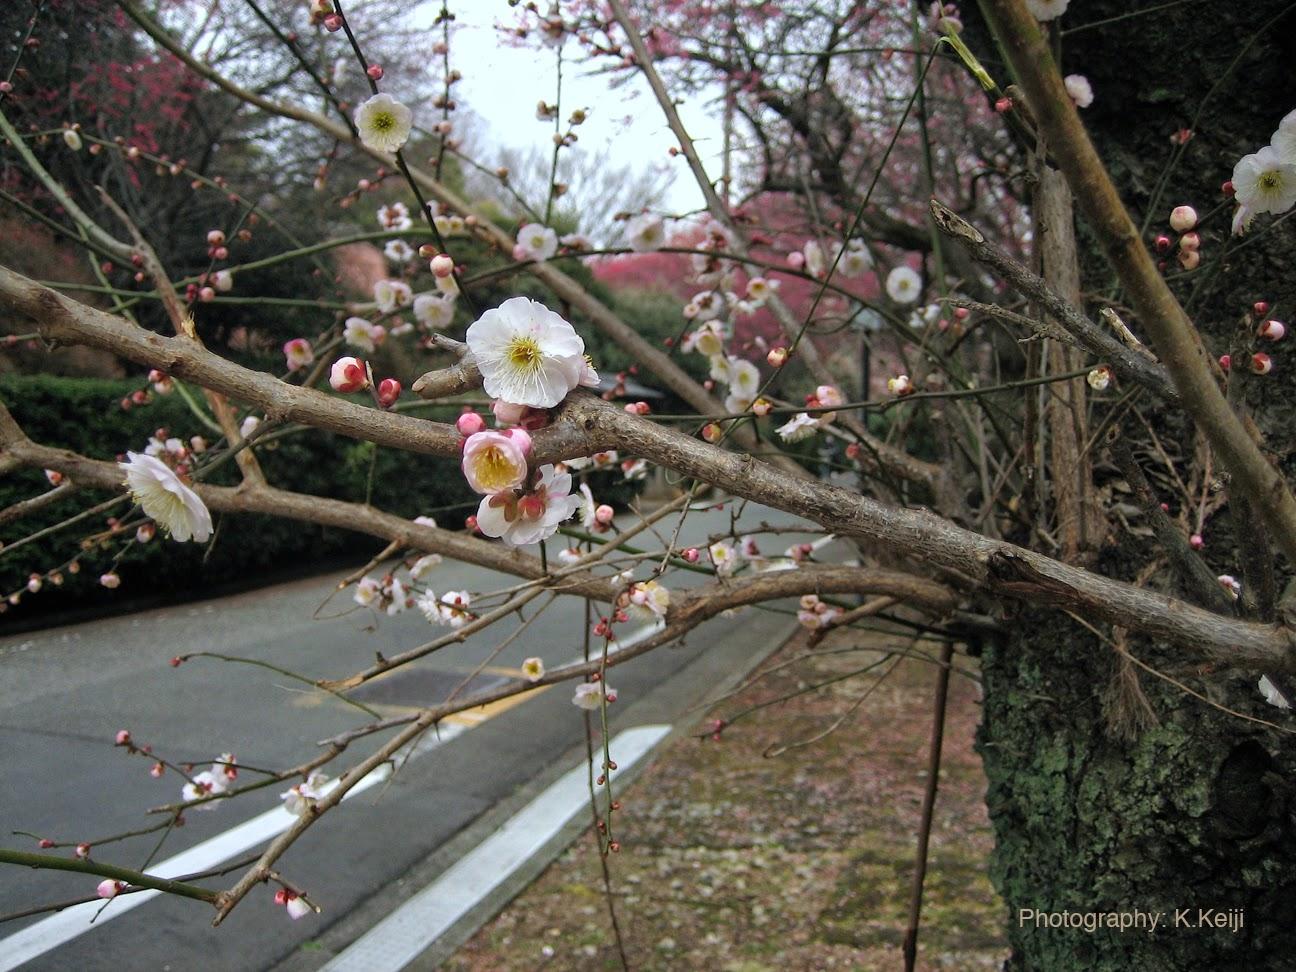 長谷川久蔵の画像 p1_33